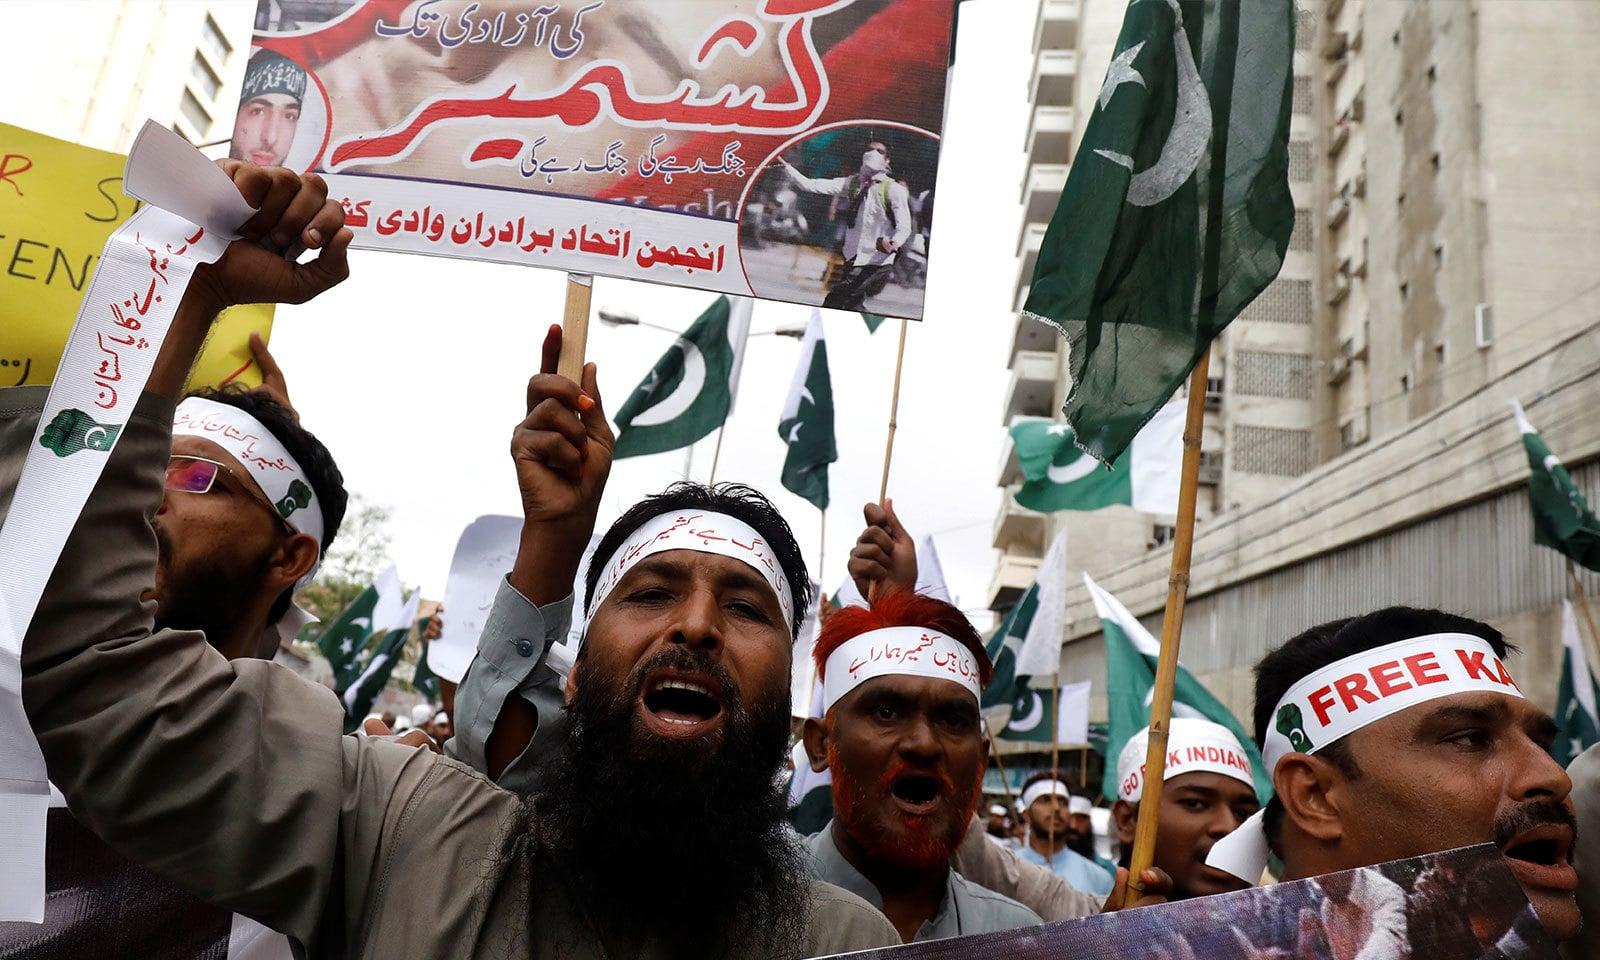 کراچی میں عوام کی بڑی تعداد کشمیریوں سے اظہار یکجہتی کرتی نظر آئی — فوٹو: رائٹرز